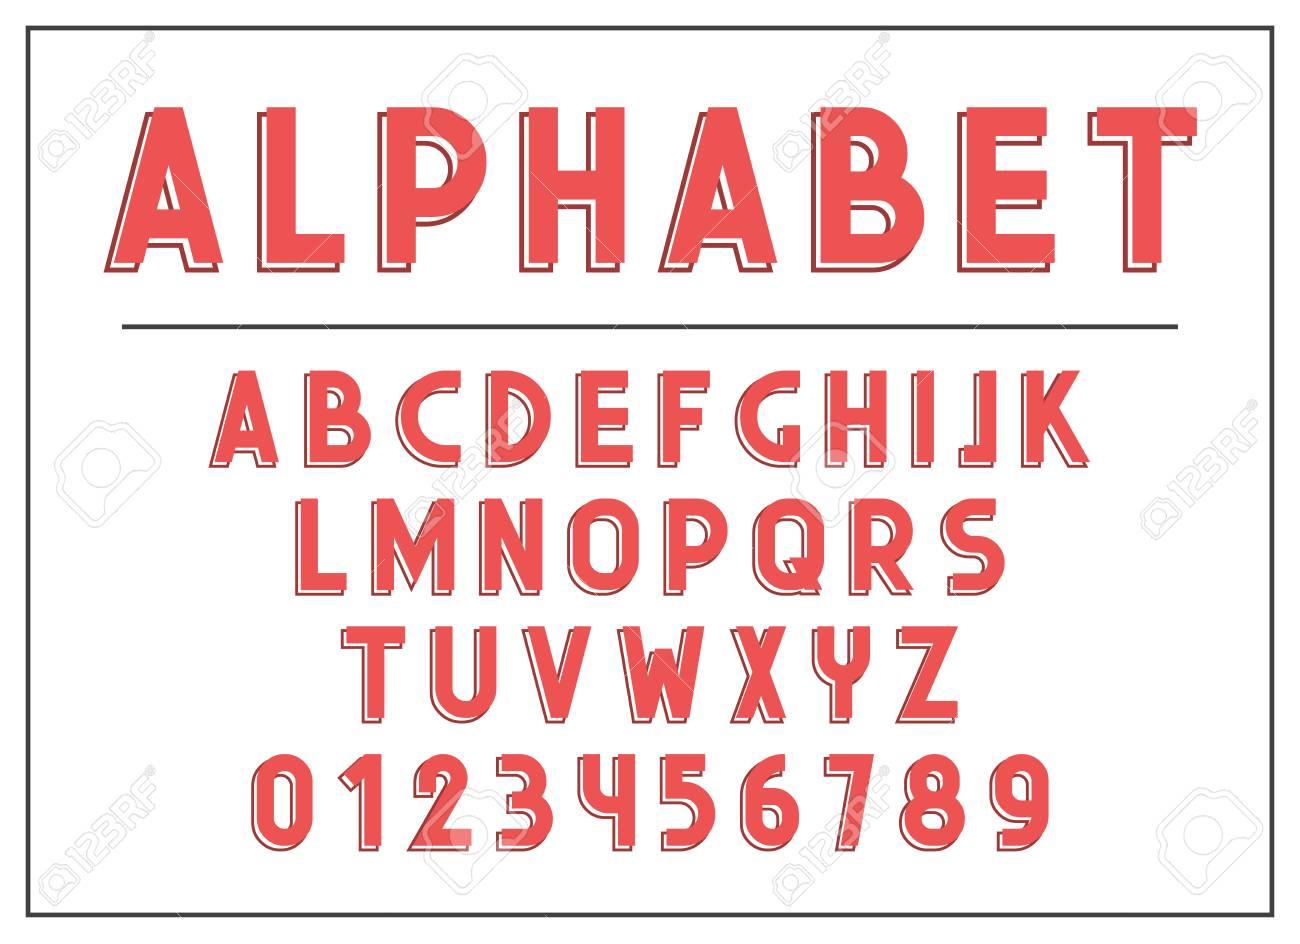 Lettre Alphabet Caractères Et Lettres Abc Imprimer Typographie Illustration Police De Type Rétro Alphabet Vintage